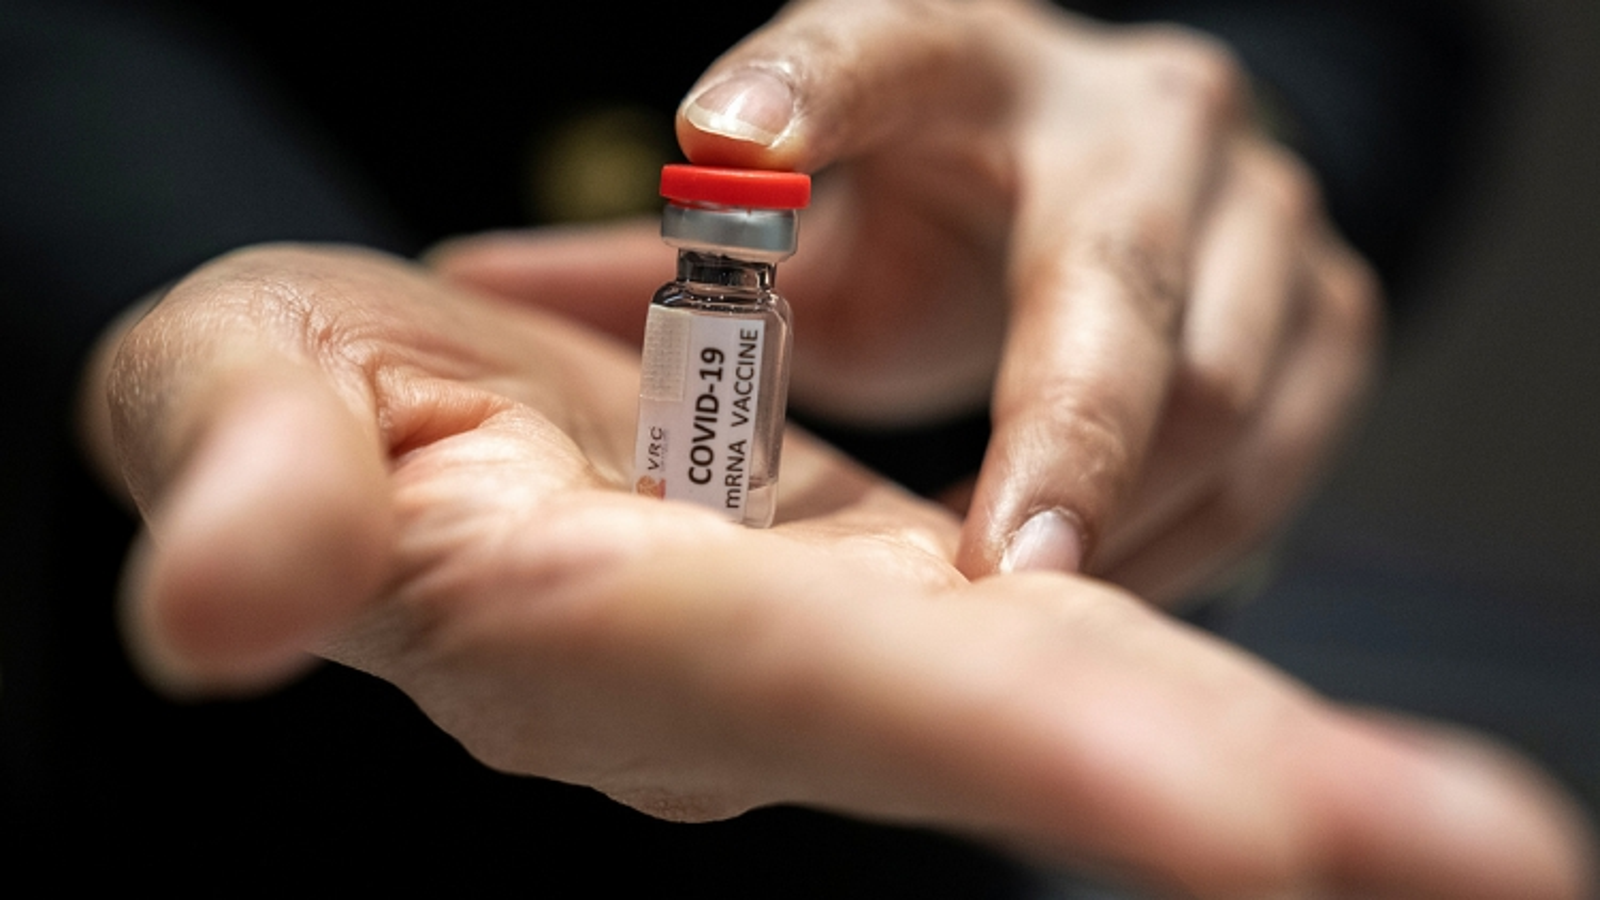 Hộ chiếu vaccine Covid-19: Phao cứu sinh hay nguồn cơn câu chuyện bất bình đẳng?